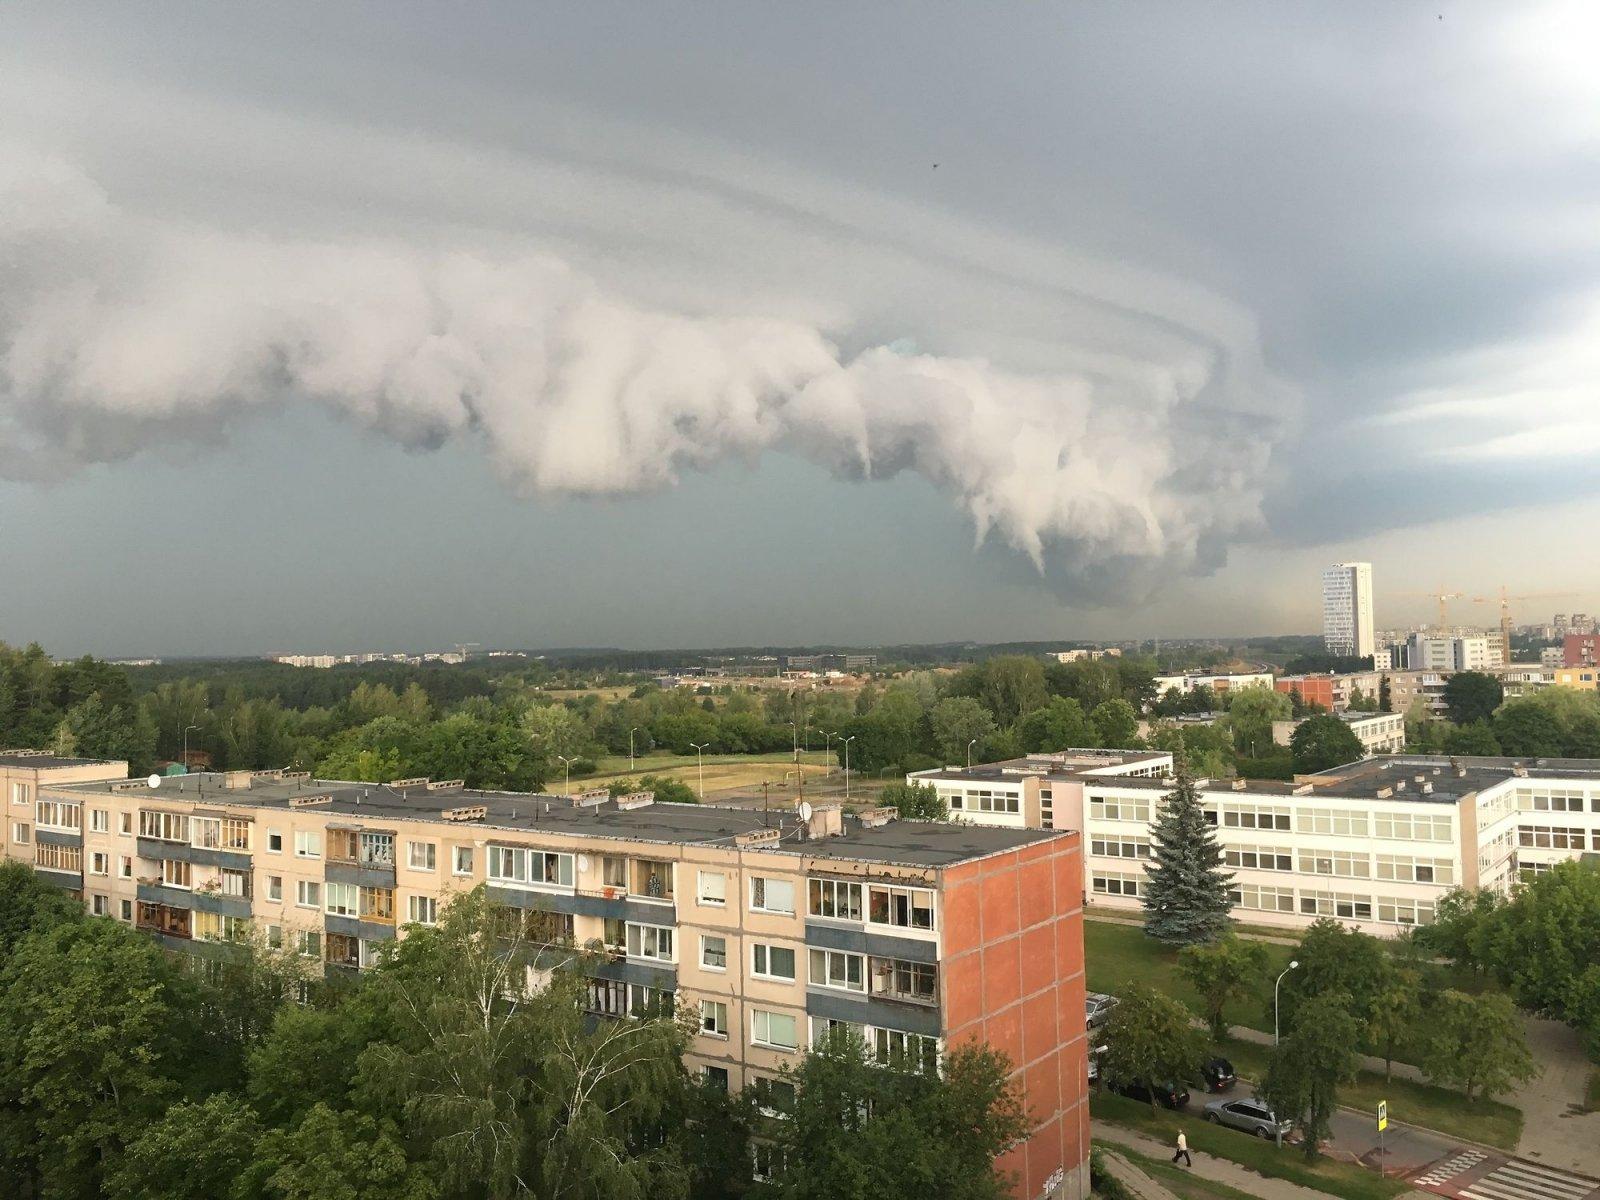 05.07.2020, 15:50 Аномальная жара накроет юг Украины